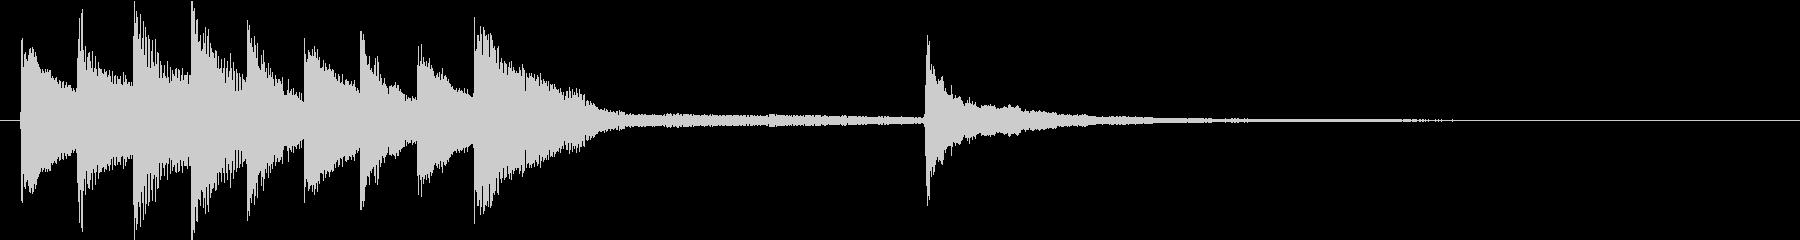 ピアノによるきれいなジングルの未再生の波形